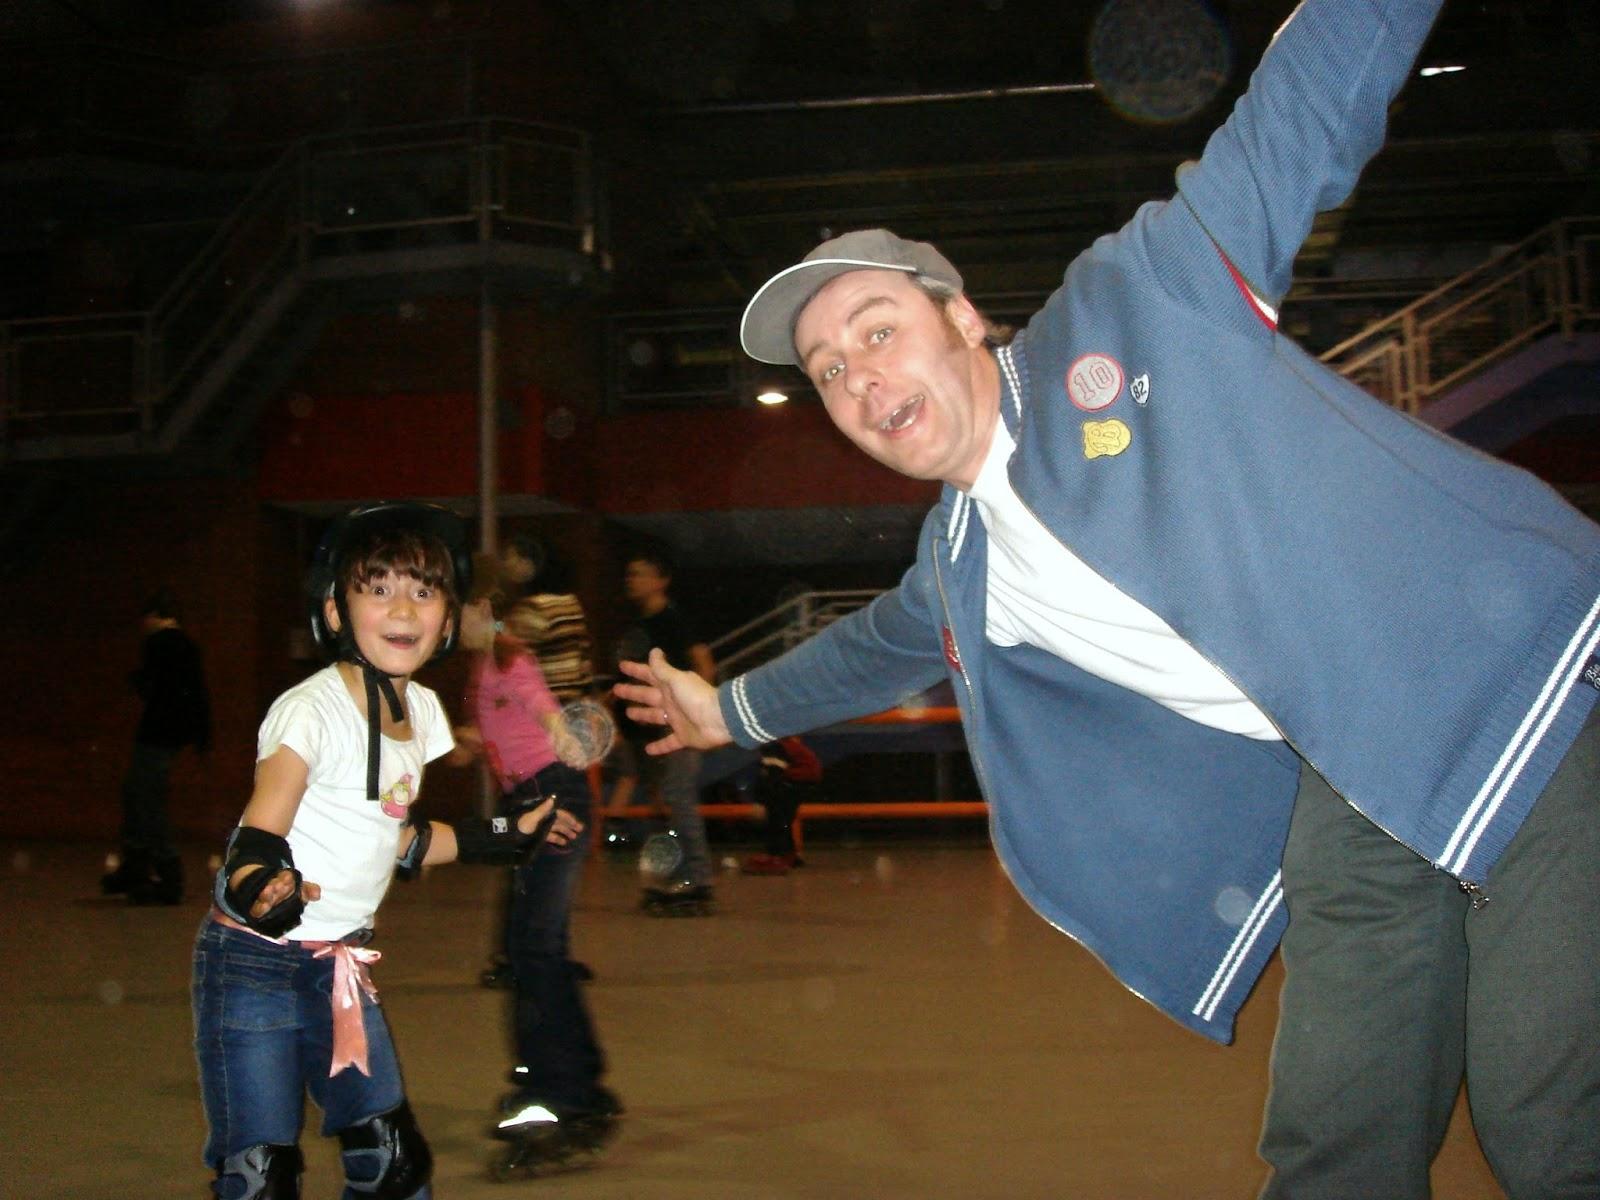 скейт-парк, радость, положительные эмоции